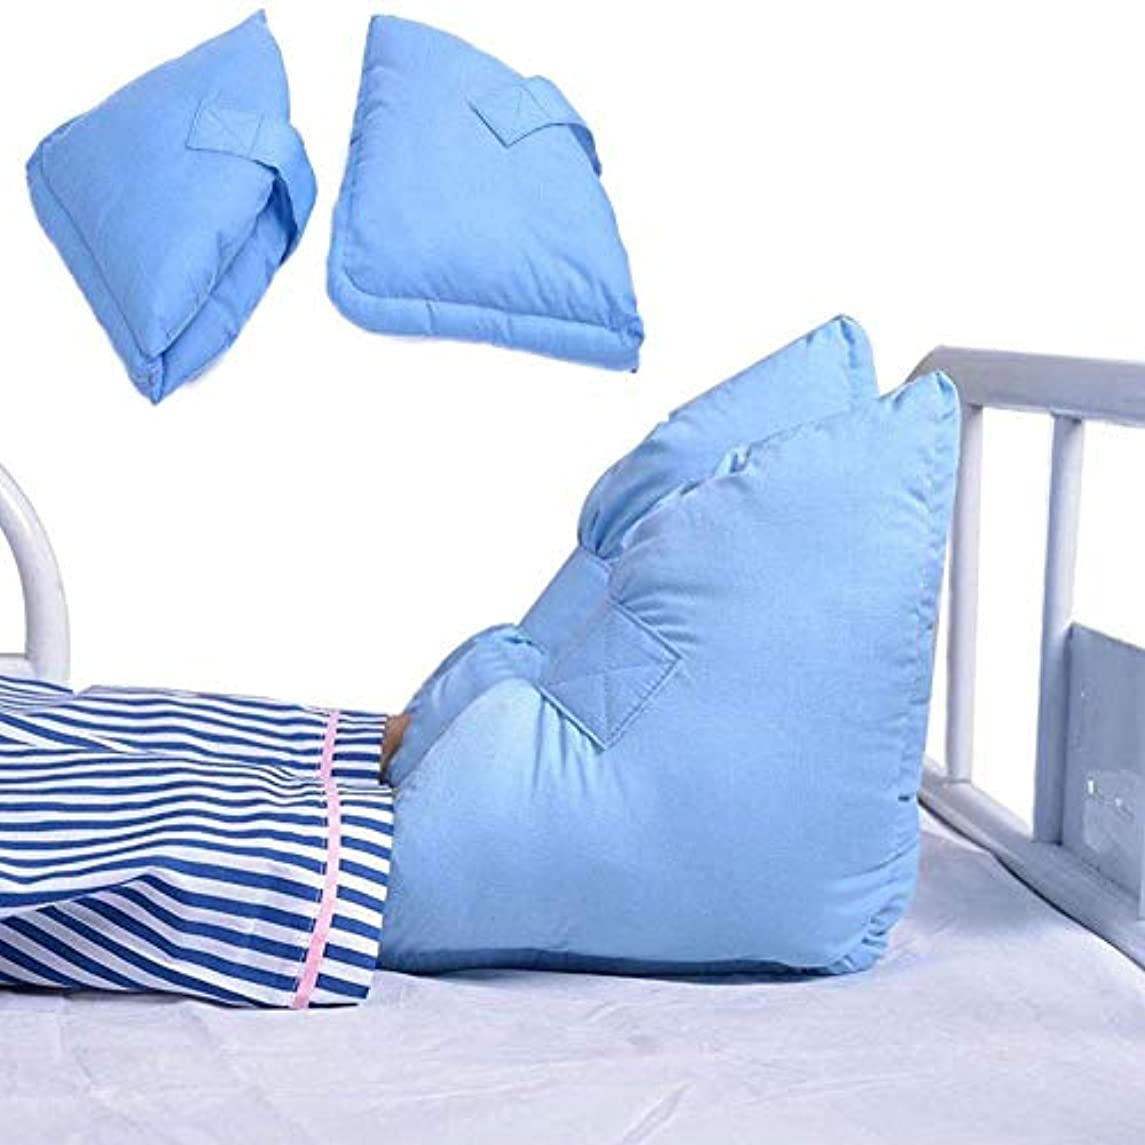 バッグ限定マッシュ1ペア抗褥瘡ヒールプロテクター枕 - 男性と女性のための褥瘡とかかと潰瘍の軽減のための足首保護クッション